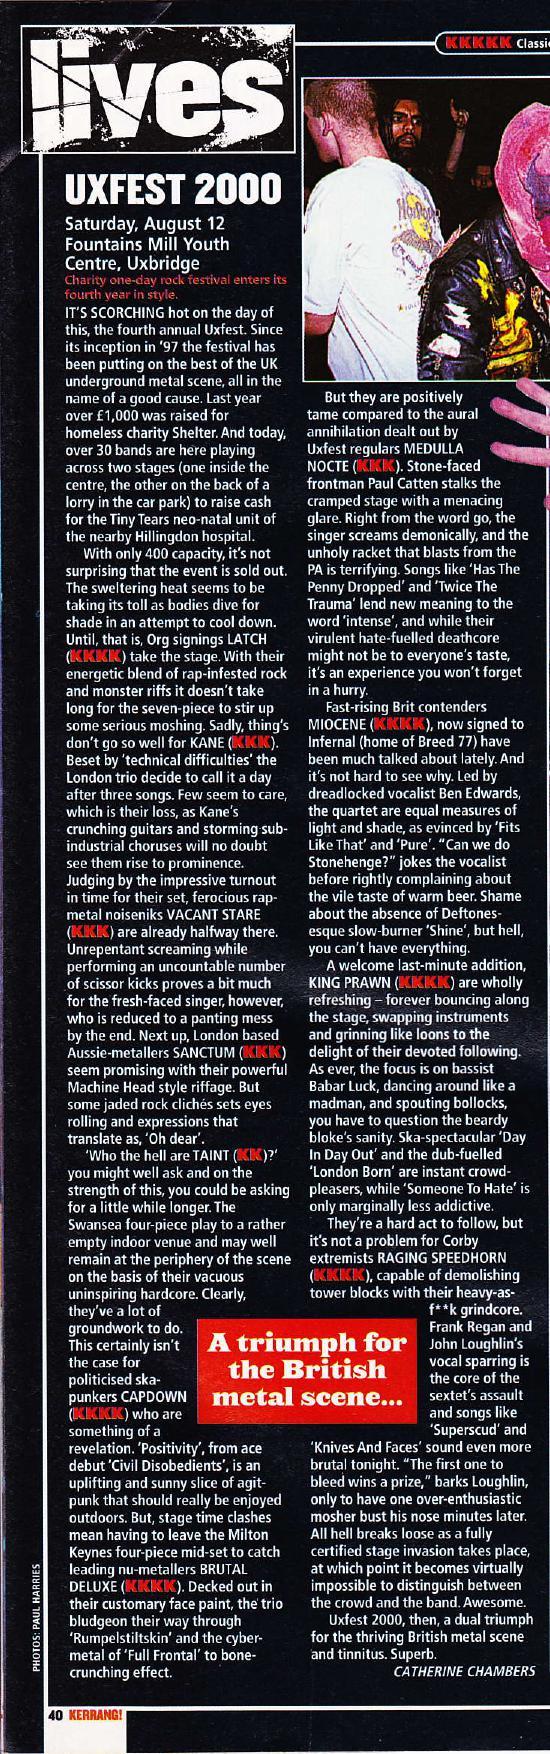 Kerrang! 26.8.2000_000001